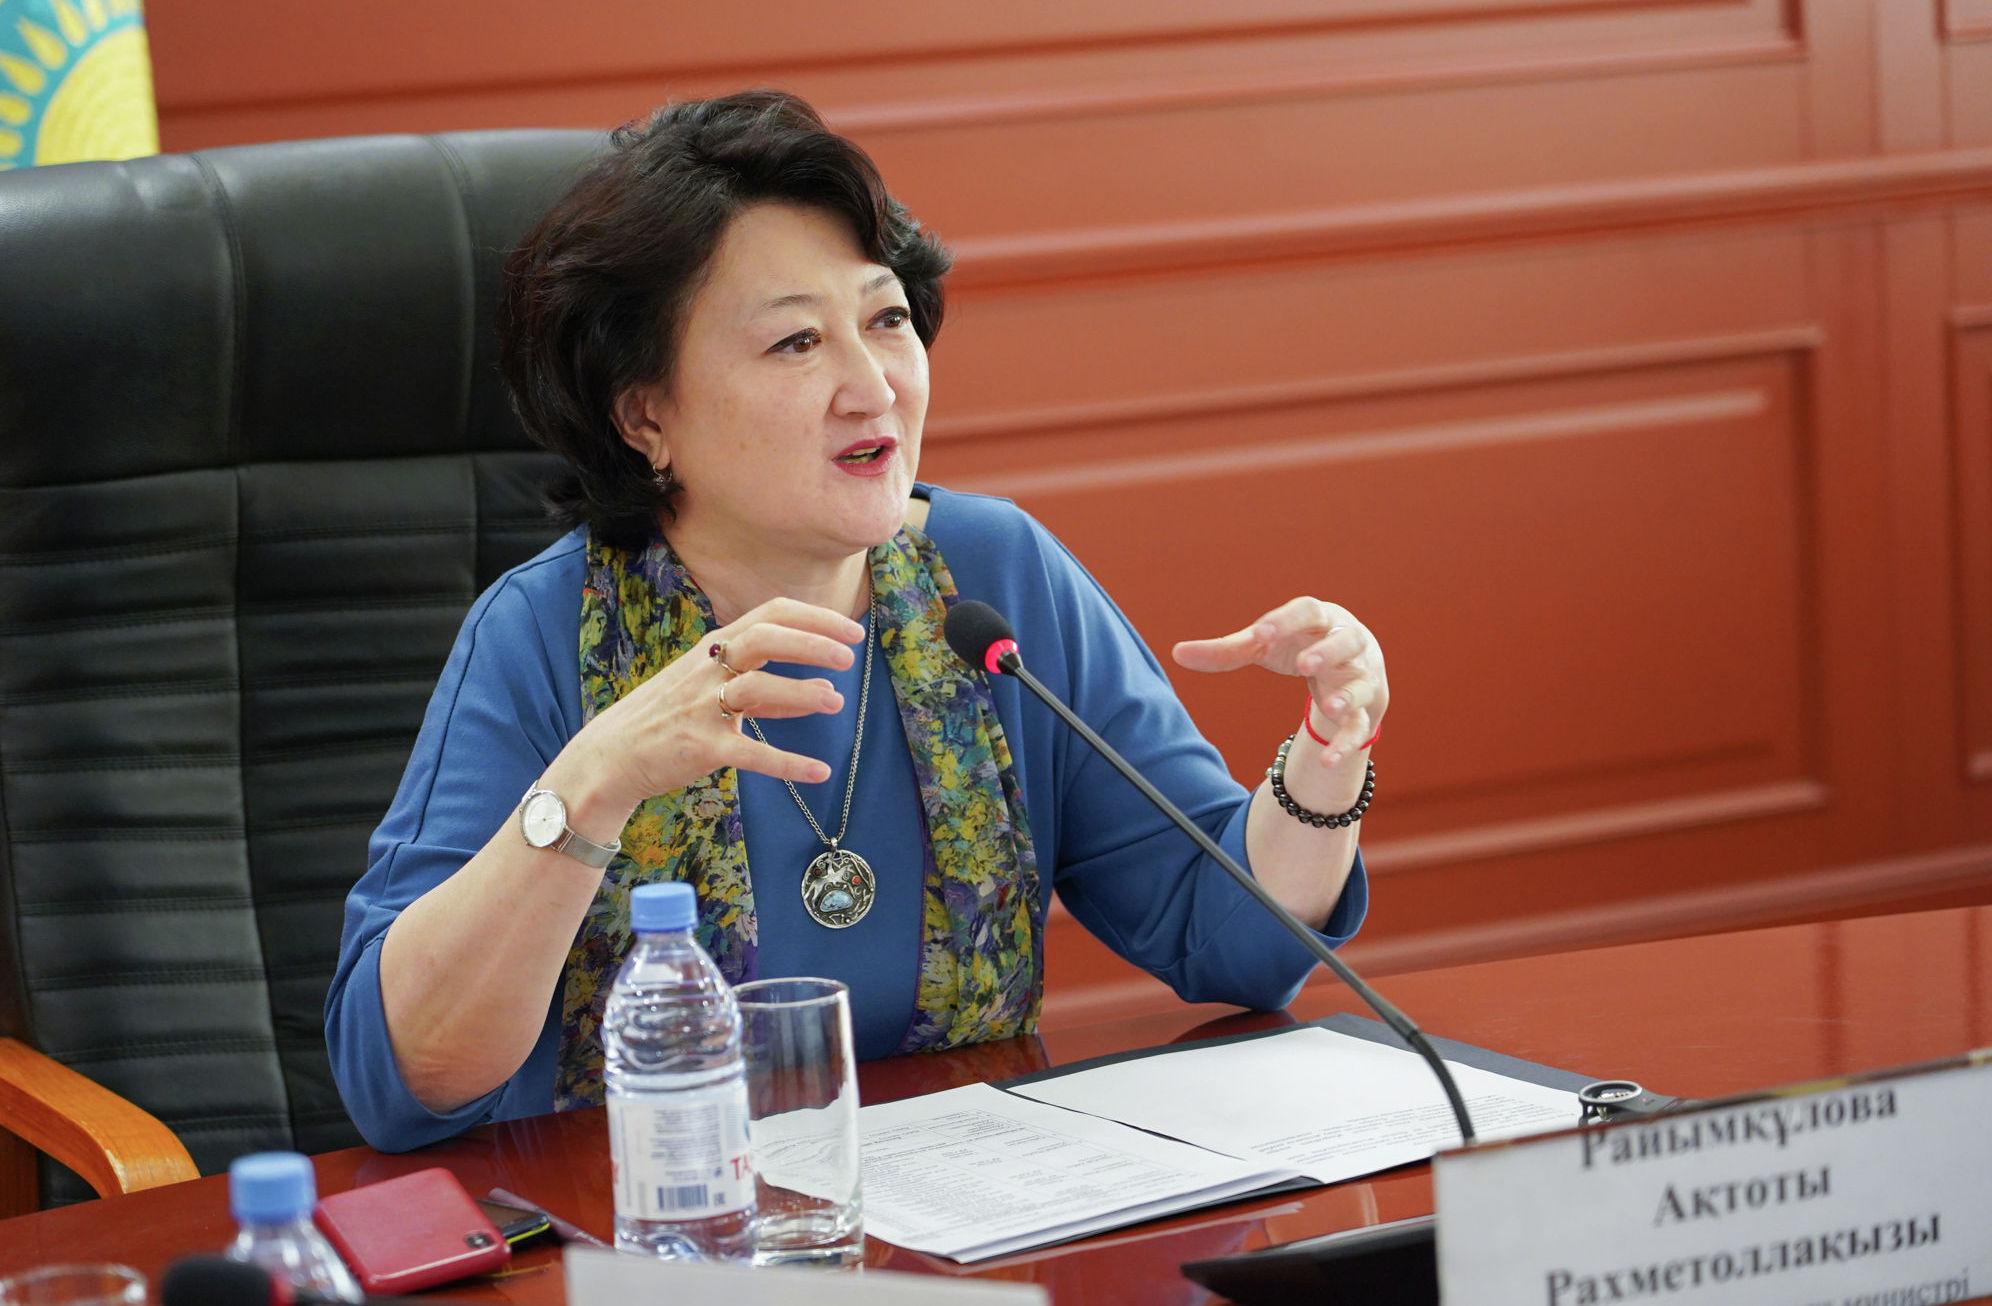 Актоты Раимкулова поздравила казахстанцев с днем Абая